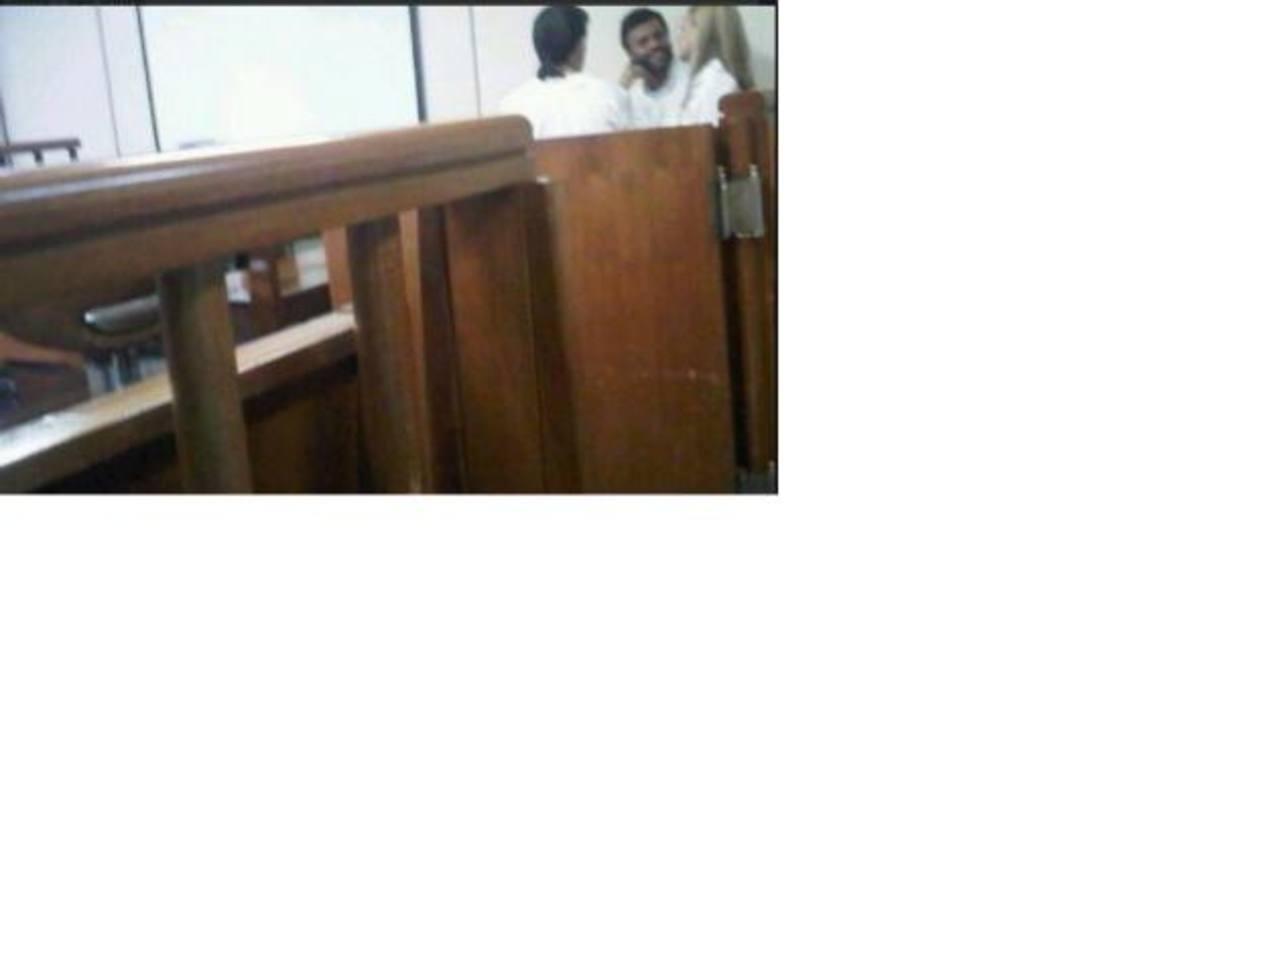 La foto fue tomada a escondidas mientras Leopoldo López y su esposa esperaban que se dictara sentencia.